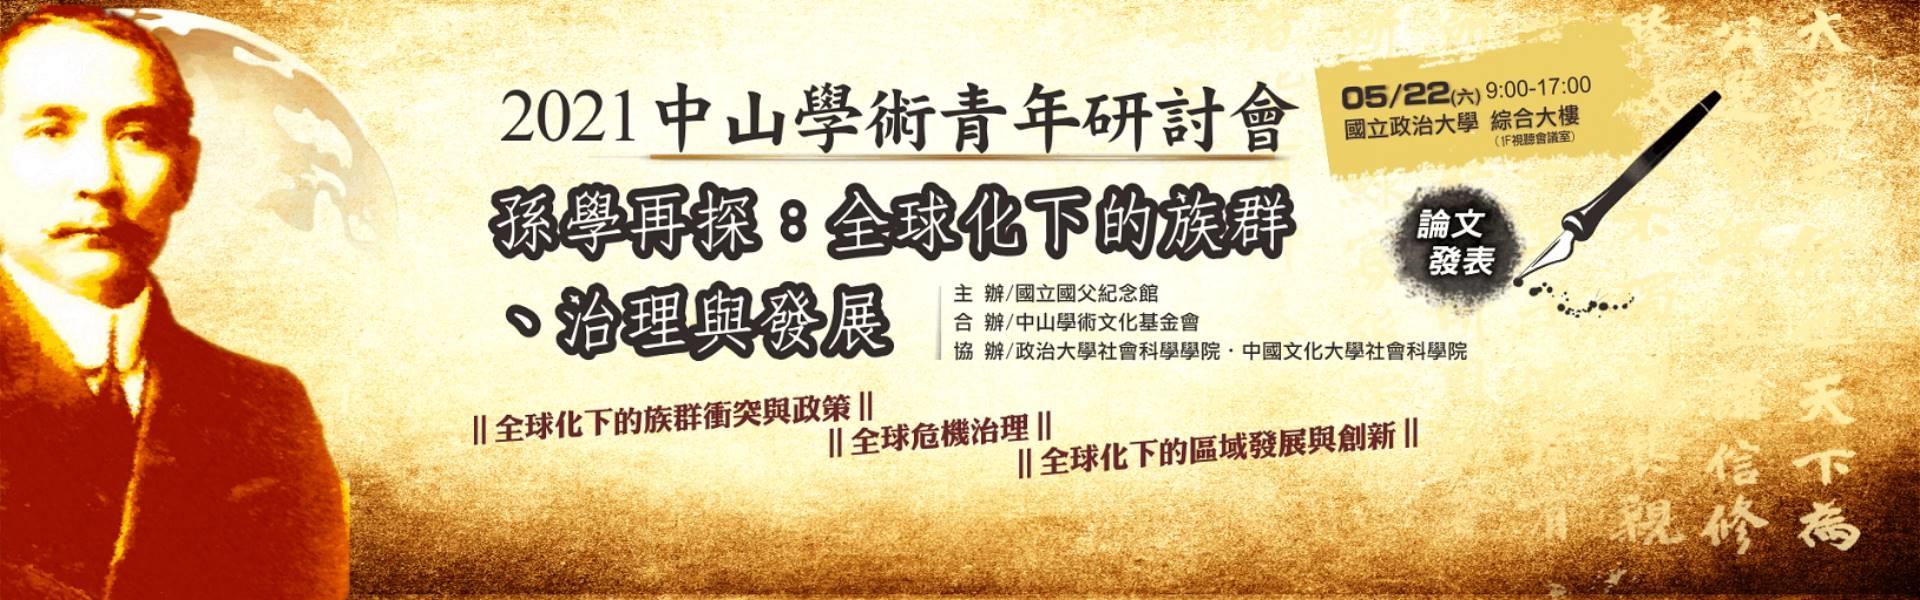 2021「中山學術青年研討會」「另開新視窗」